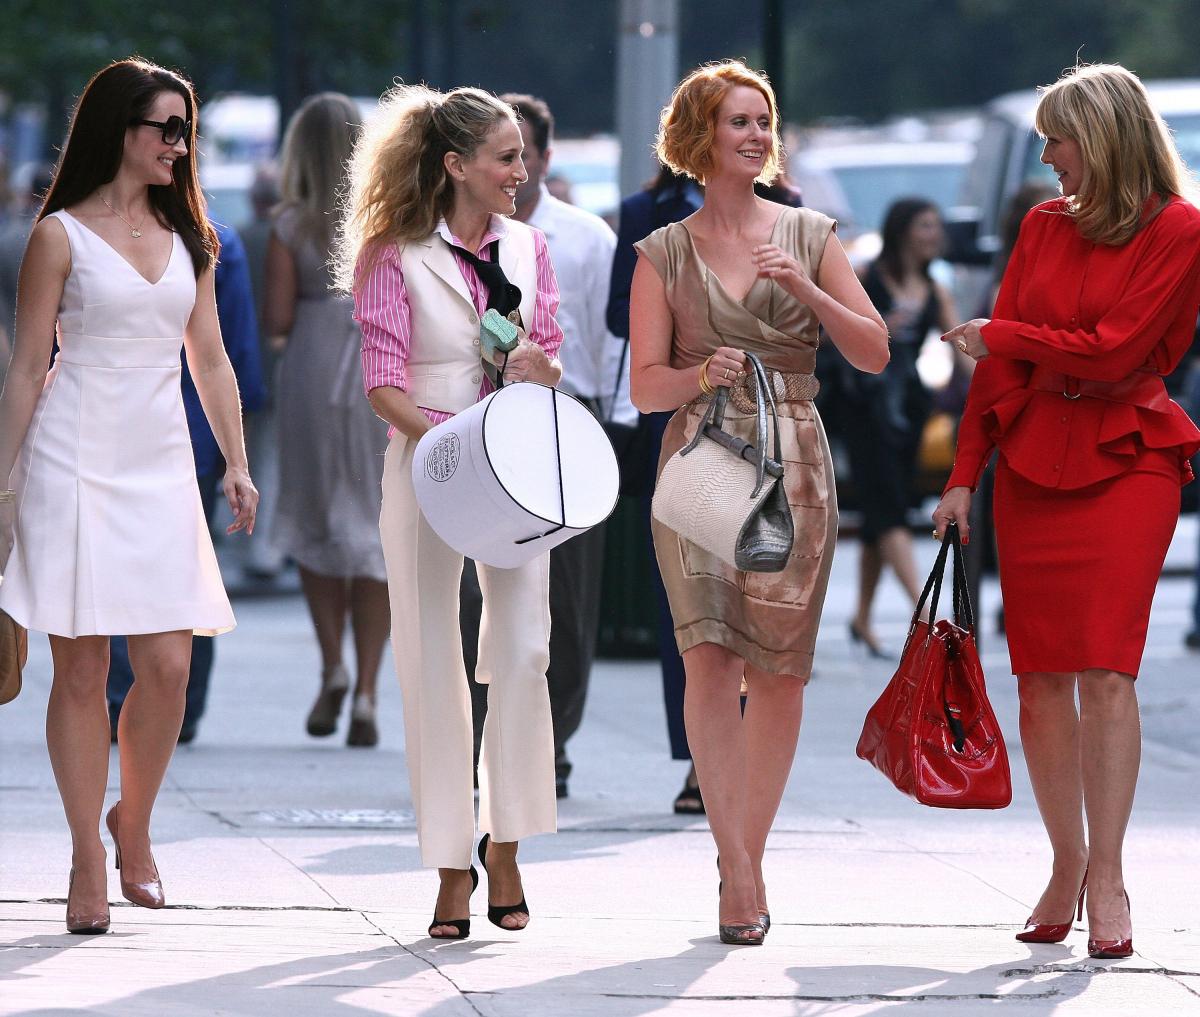 『セックス・アンド・ザ・シティ』/今もなお色褪せない、ファッション好きの永遠のバイブル!  1998年に放映され、社会現象を巻き起こした伝説的な作品。ニューヨークに暮らす女性たちのライフスタイルを赤裸々に描き多くの女性たちの共感を呼びました。今でも世代を超えて根強い人気を誇り、最近では続編制作の話題でもちきりの本作。サラ・ジェシカ・パーカー演じる主人公キャリーが発信源となったトレンドは数知れず。 オープニングシーンのチュチュスカート、 タイトなミニワンピースに、レタードネックレス、ディオールのTシャツにマノロ ブラニクスのヒールetc. ハイブランドとヴィンテージをミックスさせたスタイルは今見ても輝きを失っていません。そして低身長である私からすると、キャリー役を演じるサラ・ジェシカ・パーカーが意外にも(?)160センチと小柄だったのもポイント。ファッションのインスピレーション源としてはもちろん、リアルなスタイリングの参考になりました。身長157センチのアナ・ソフィア・ロブがキャリーの高校時代を演じたスピンオフドラマ『マンハッタンに恋をして 〜キャリーの日記〜』でも同じくキュートでカラフルなルックがたくさん登場するので、併せて観るのもおすすめです!(シェリー)  Photo:Getty Images